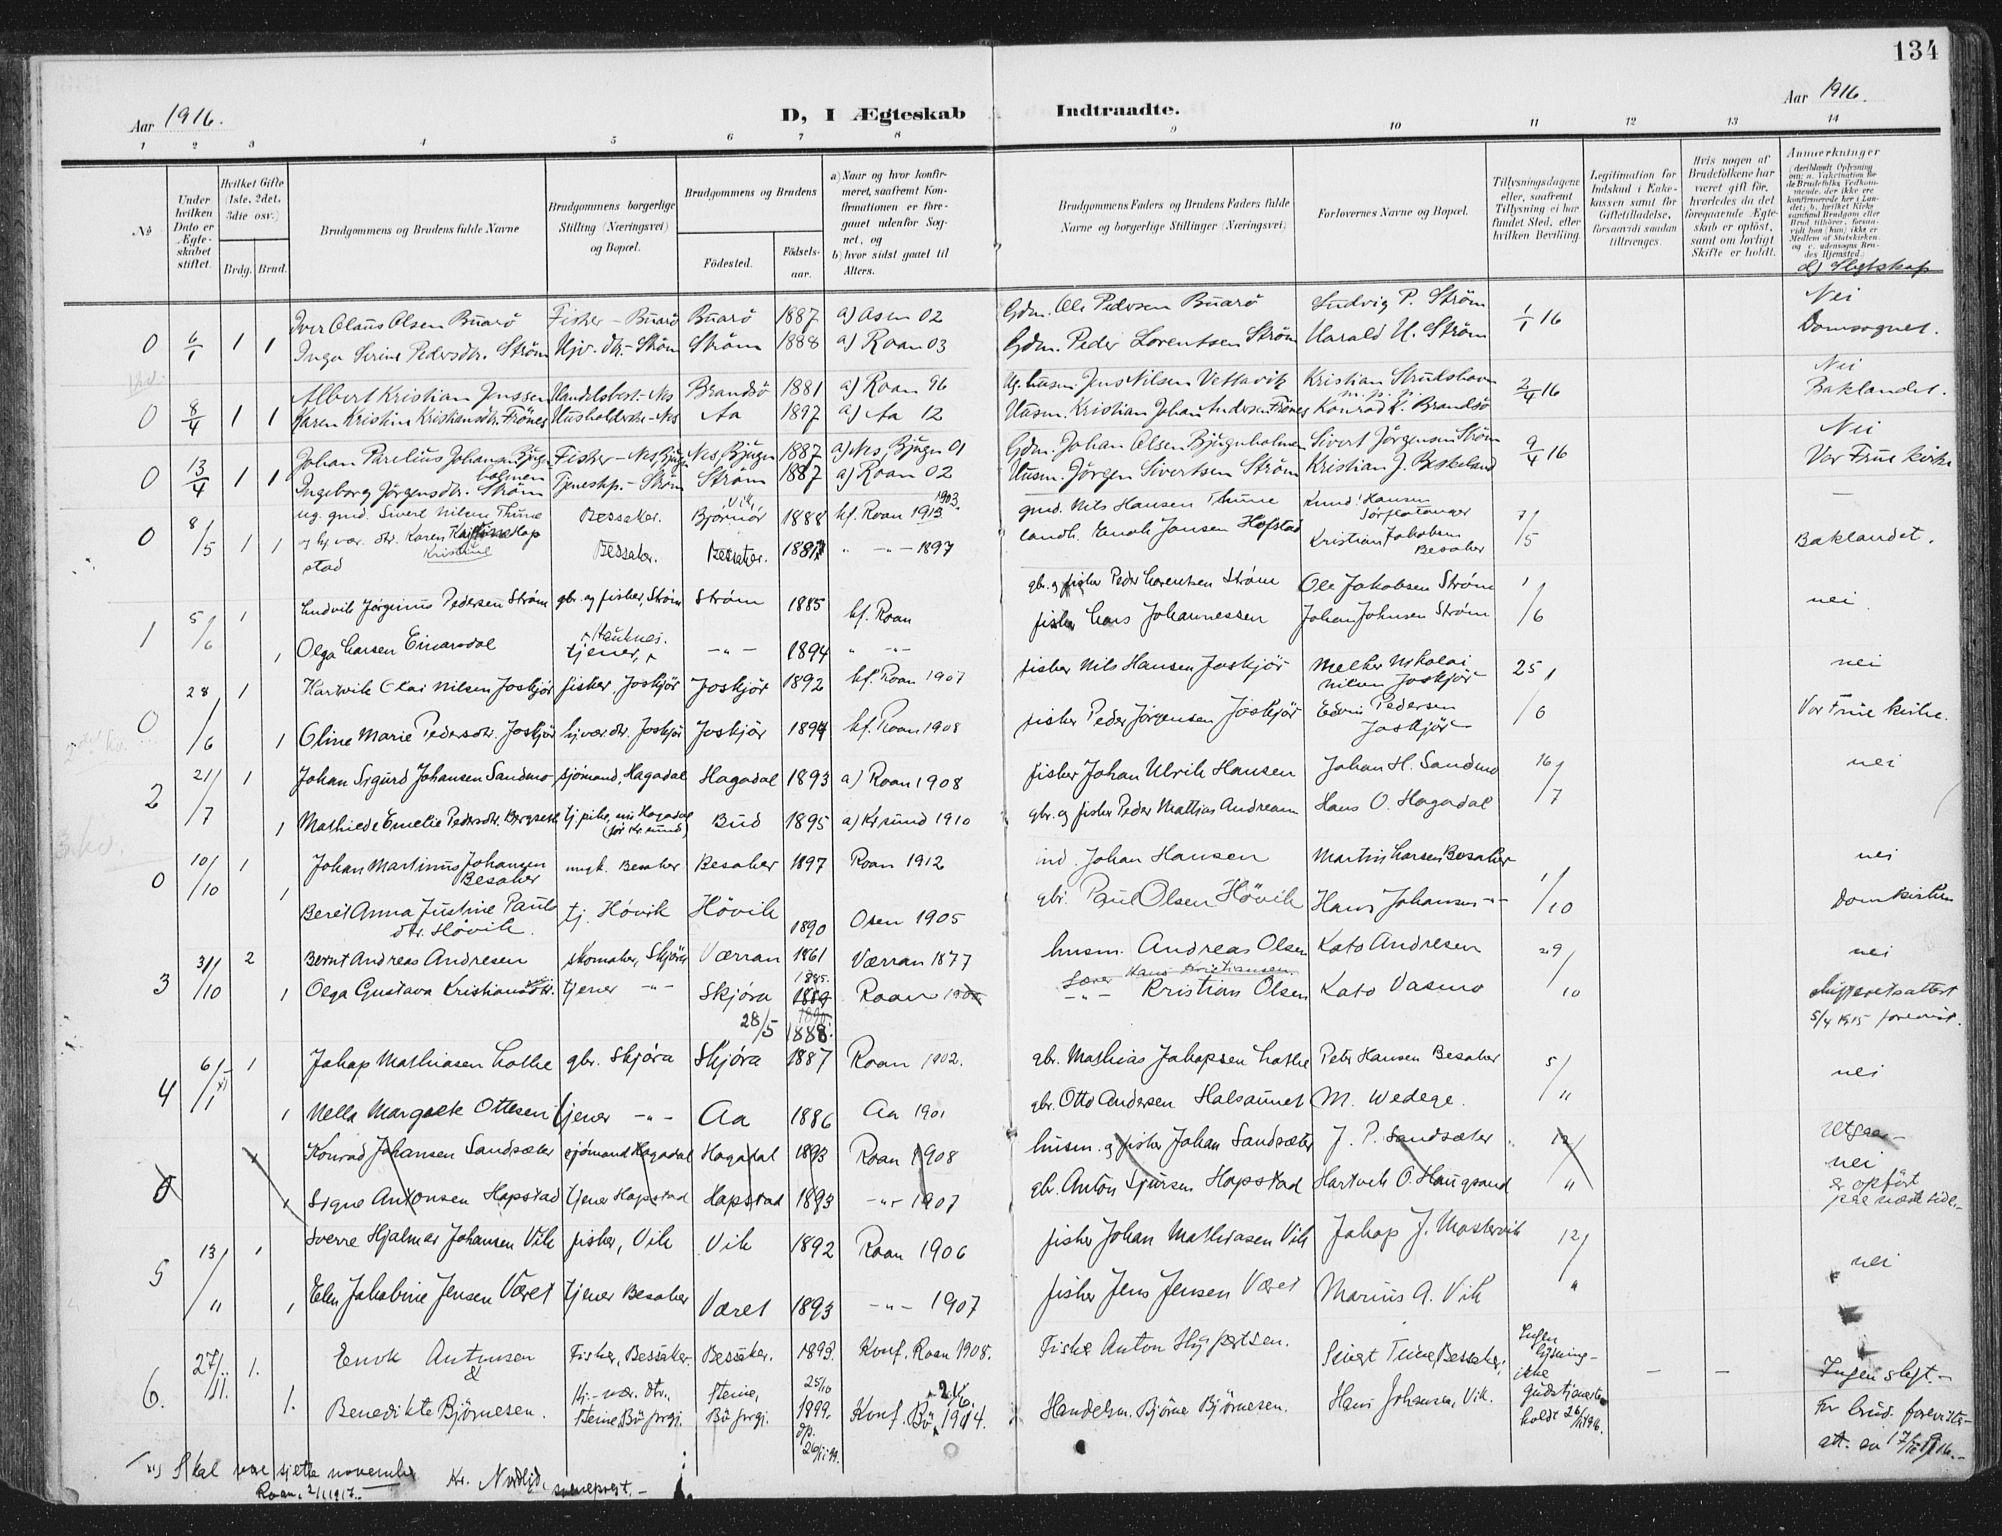 SAT, Ministerialprotokoller, klokkerbøker og fødselsregistre - Sør-Trøndelag, 657/L0709: Ministerialbok nr. 657A10, 1905-1919, s. 134